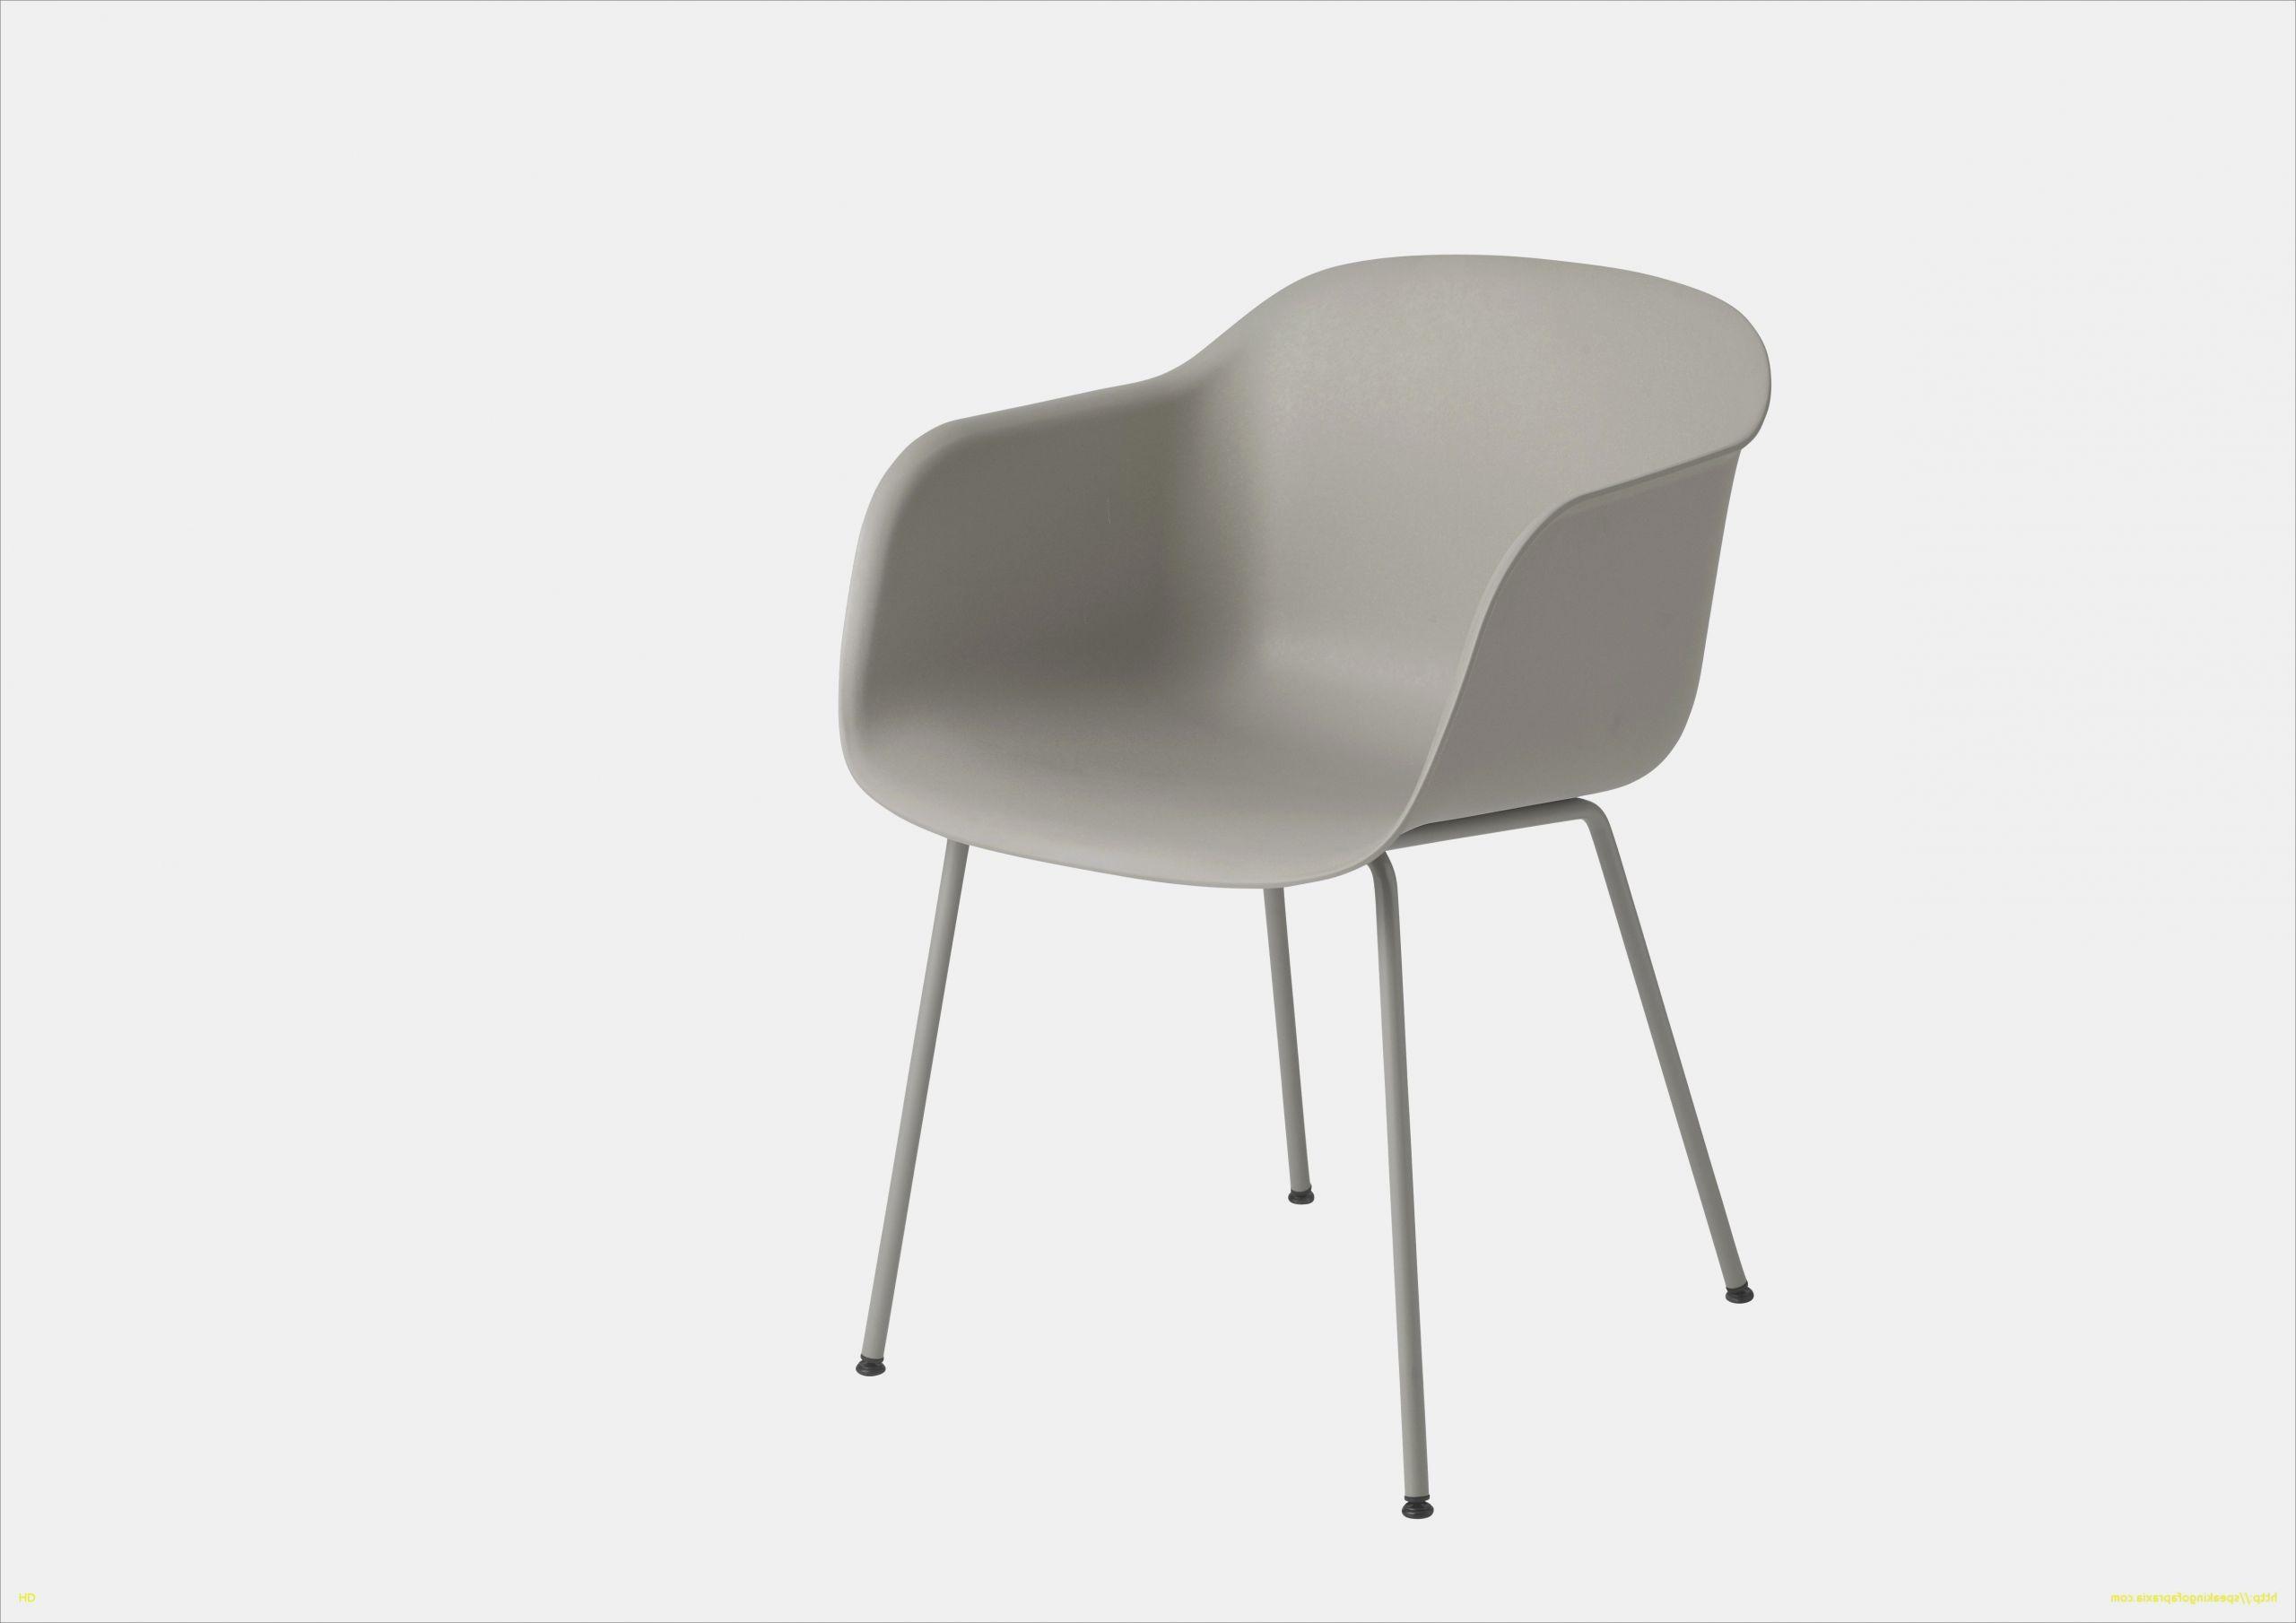 refaire cannage chaise best prix inspirant brillant refaire chaise en simili cuir inspirant design luxe de bureau cannage 0d of